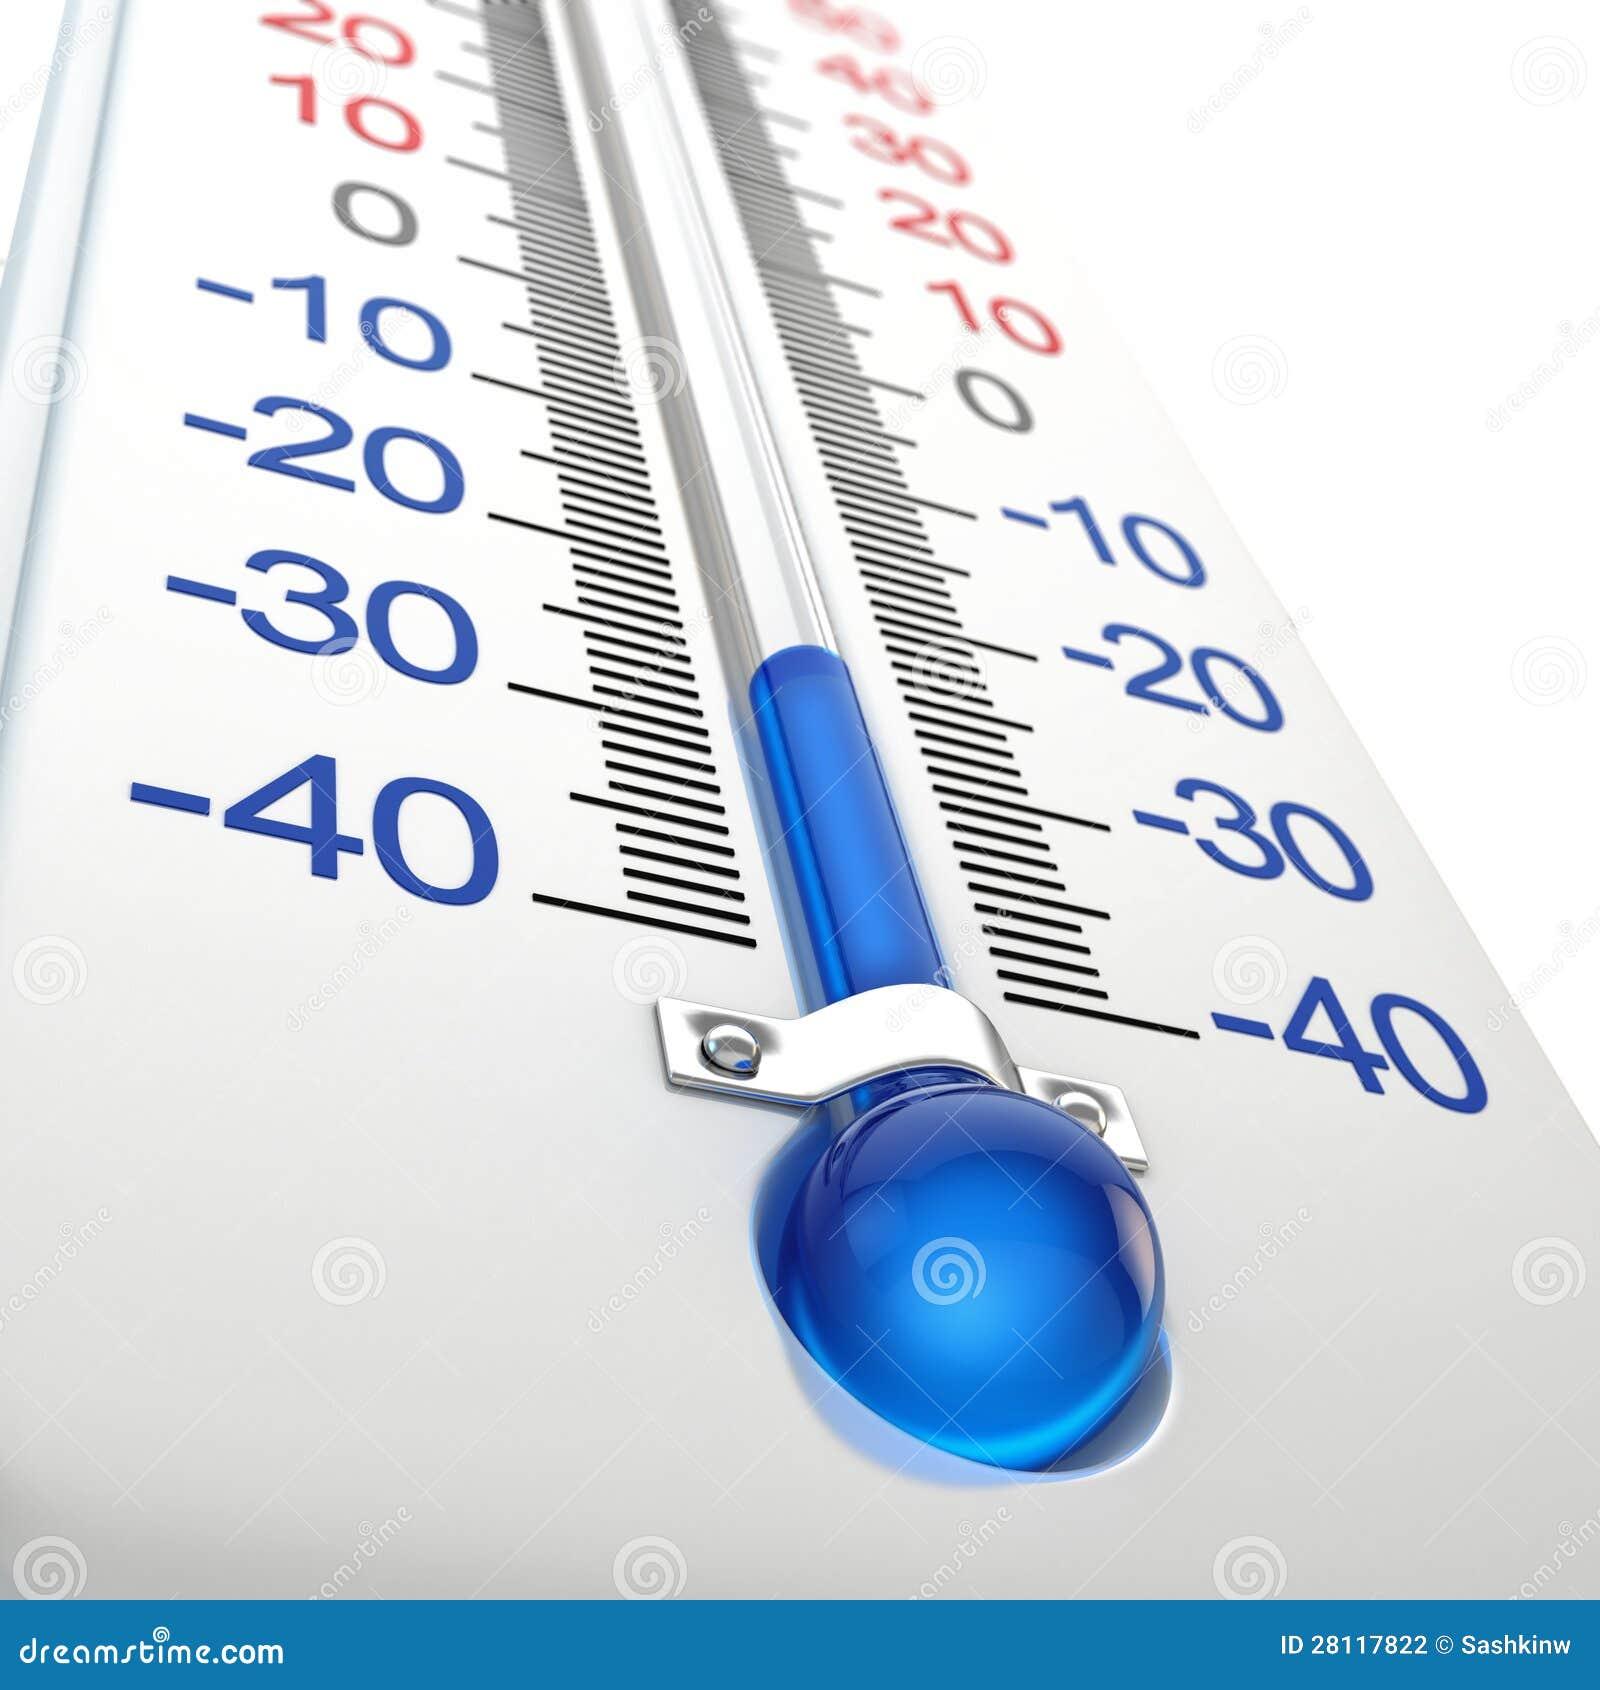 Termometro Frio Ilustracao Stock Ilustracao De Frio 28117822 Descubra as melhores ofertas em termómetro e cemefar. dreamstime